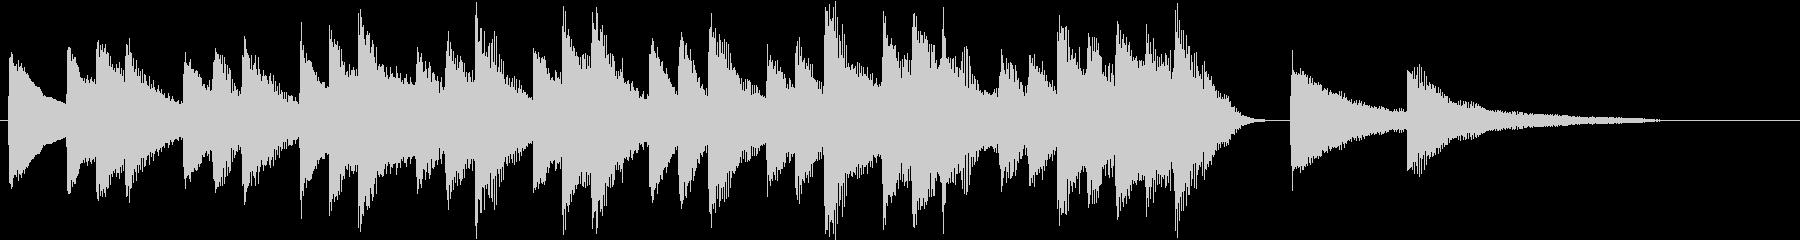 四季より「冬」モチーフのピアノジングルAの未再生の波形